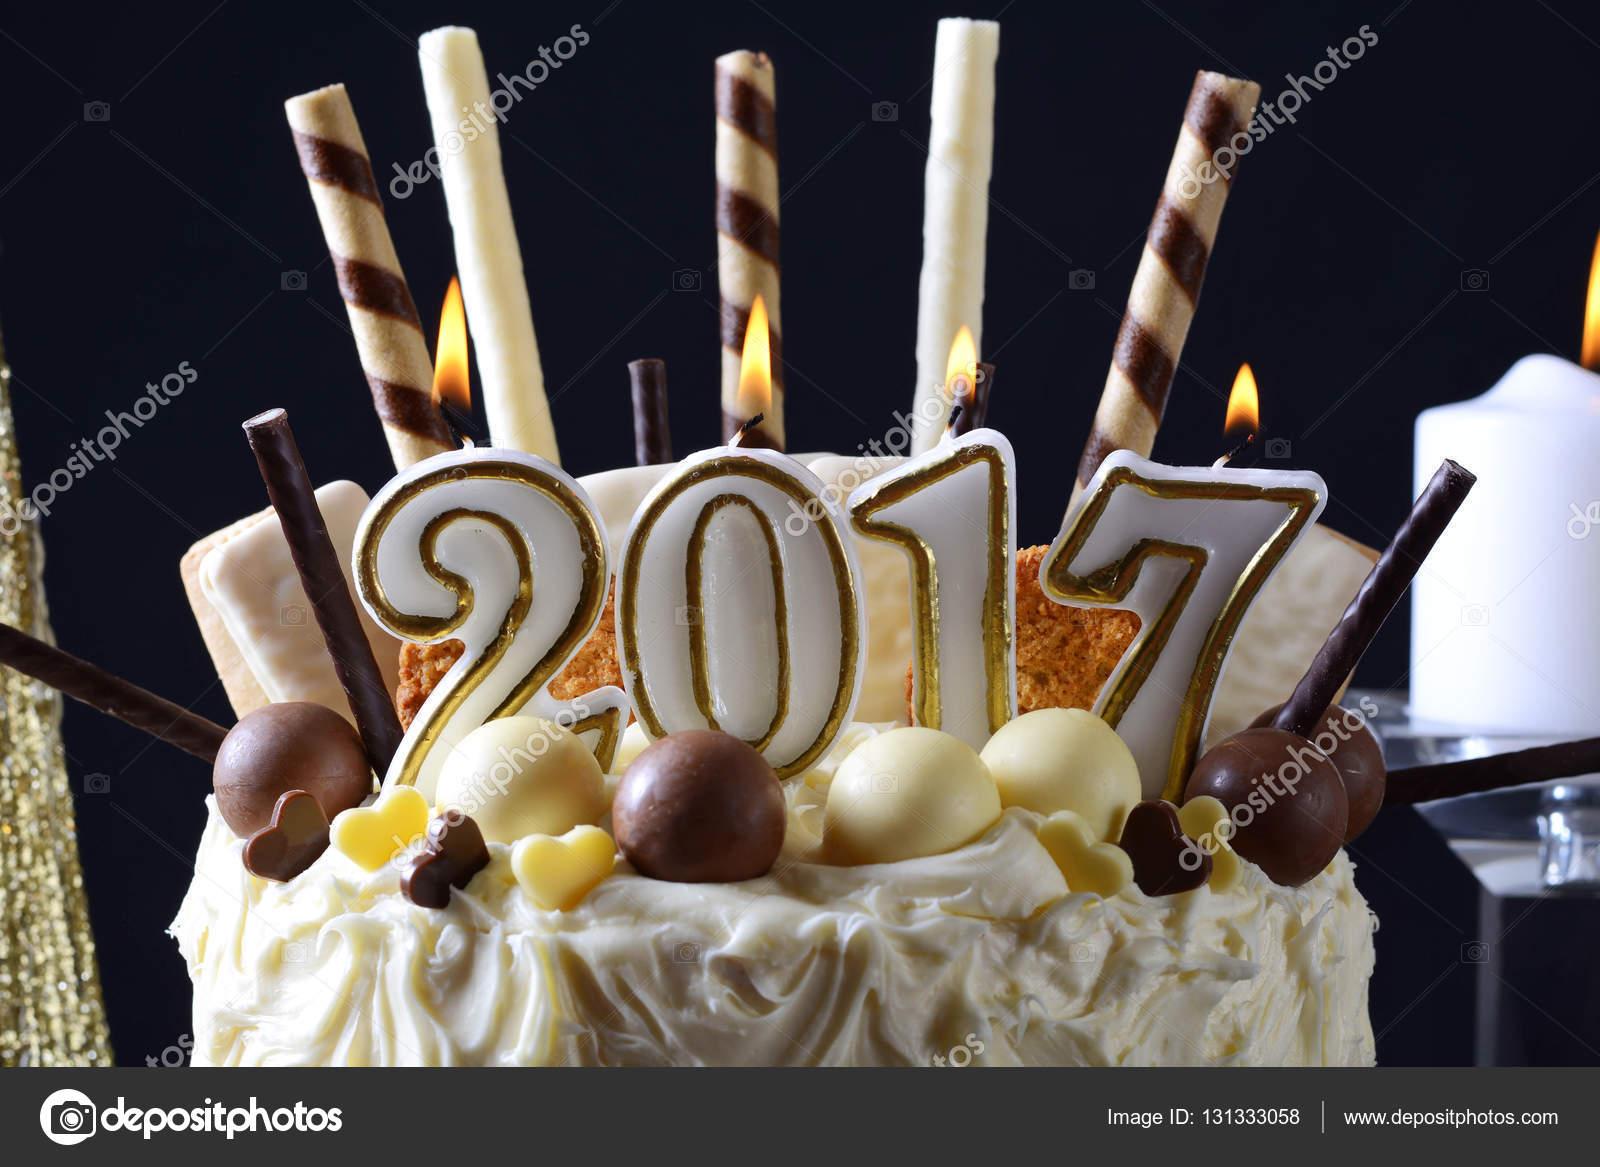 happy new year white chocolate cake stock photo 131333058